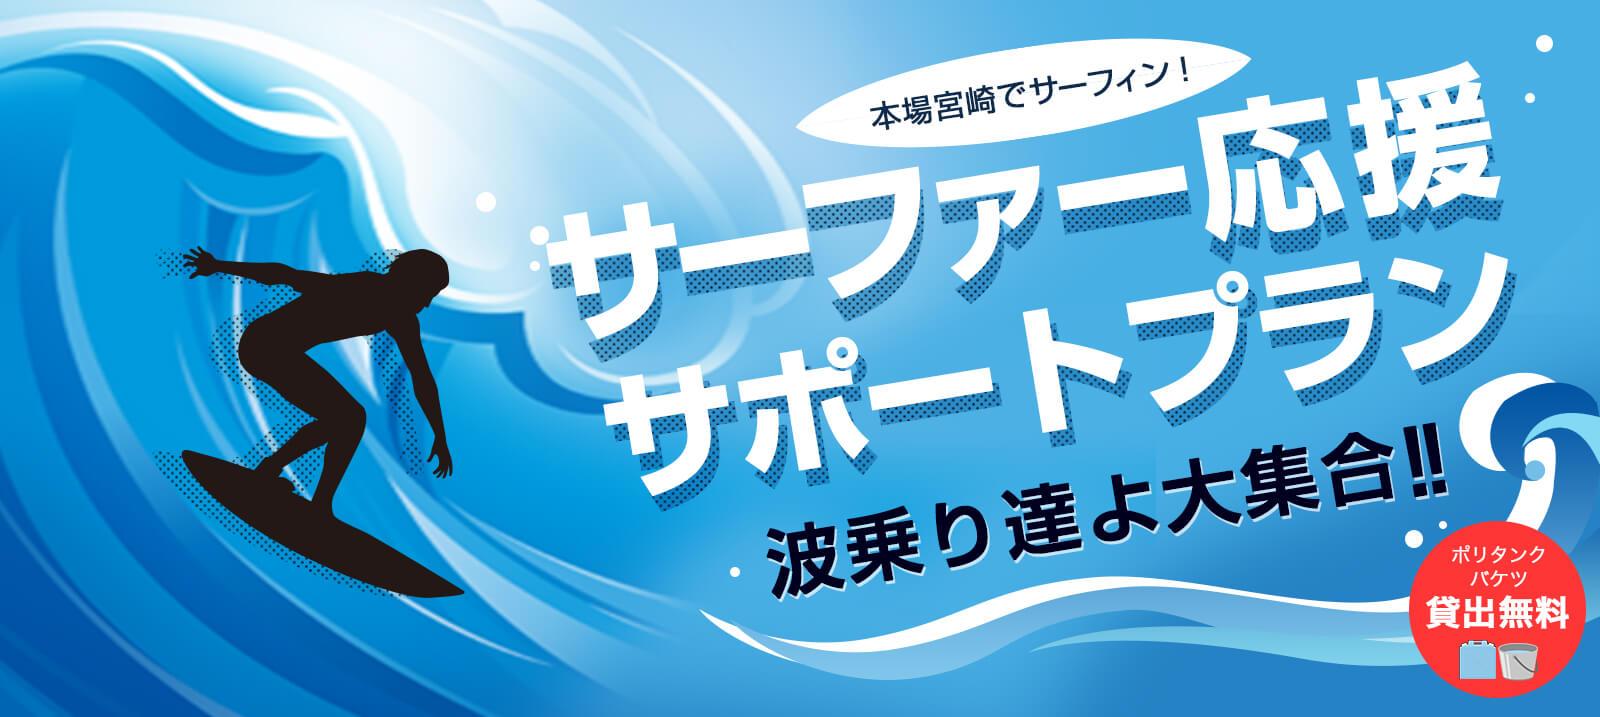 サーファー応援 サポートプラン【宮崎空港店】